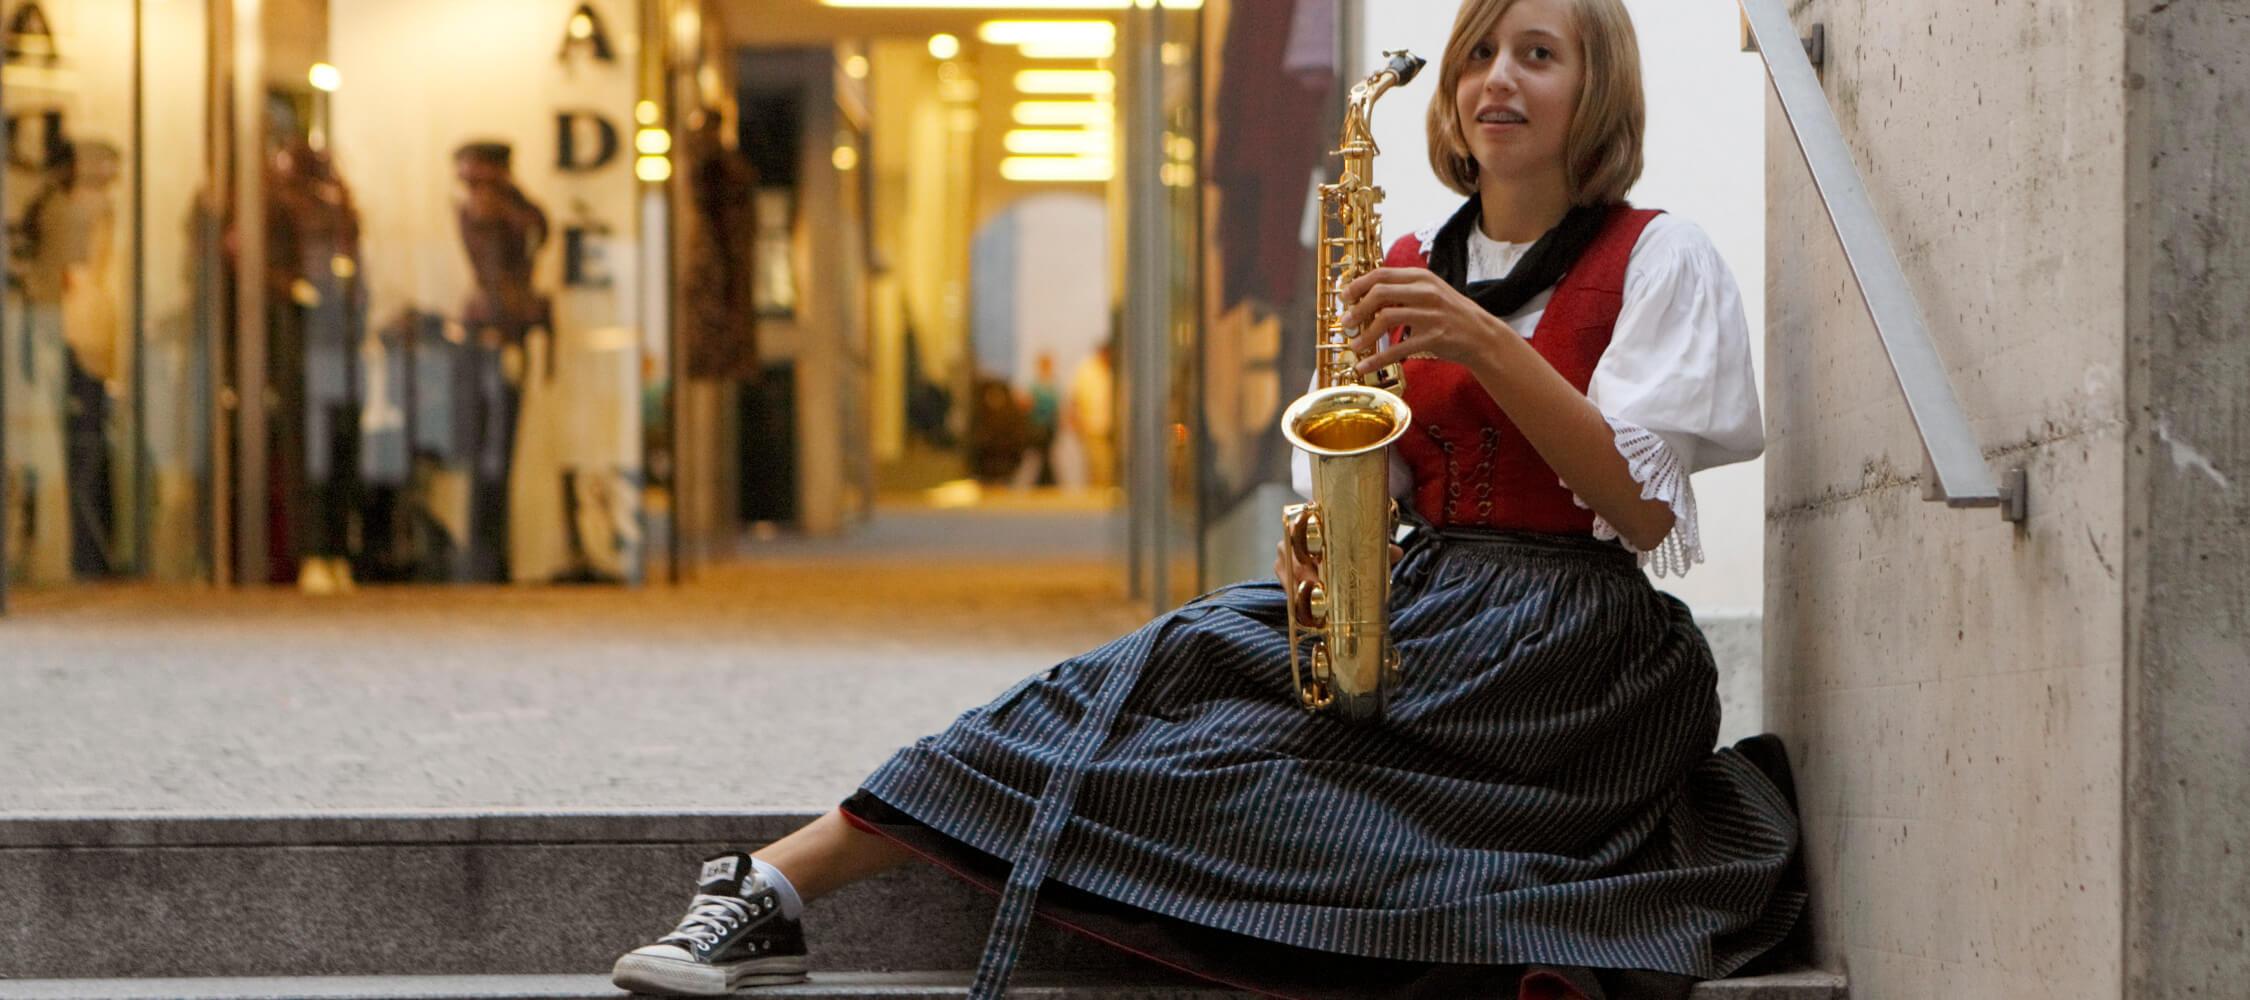 Italien-Trentino_Suedtirol_Alto_Adige_Merano_Meran_Kultur_Konzert_Musik_Tradition_Brass_MGM-Frieder-Blickle_mgm00344frbl_2250x1000